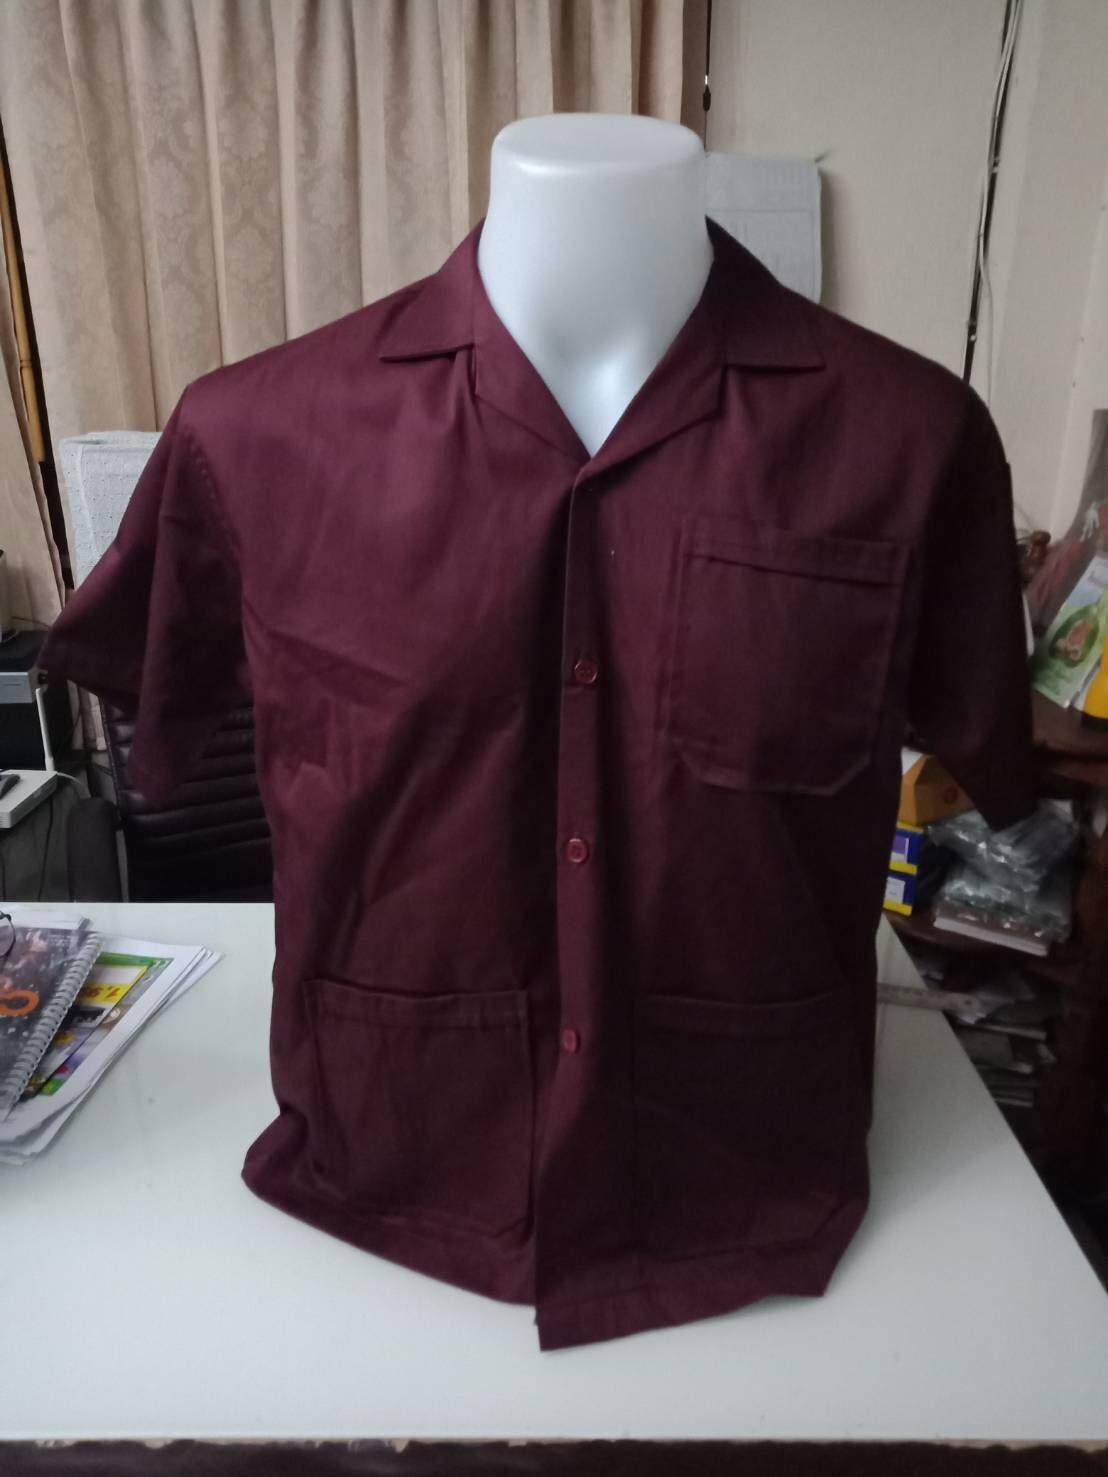 เสื้อช็อปช่างสีเลือดหมู เสื้อช็อปสำเร็จรูป ราคาถูก !!! มีเก็บปลายทาง พร้อมส่ง.